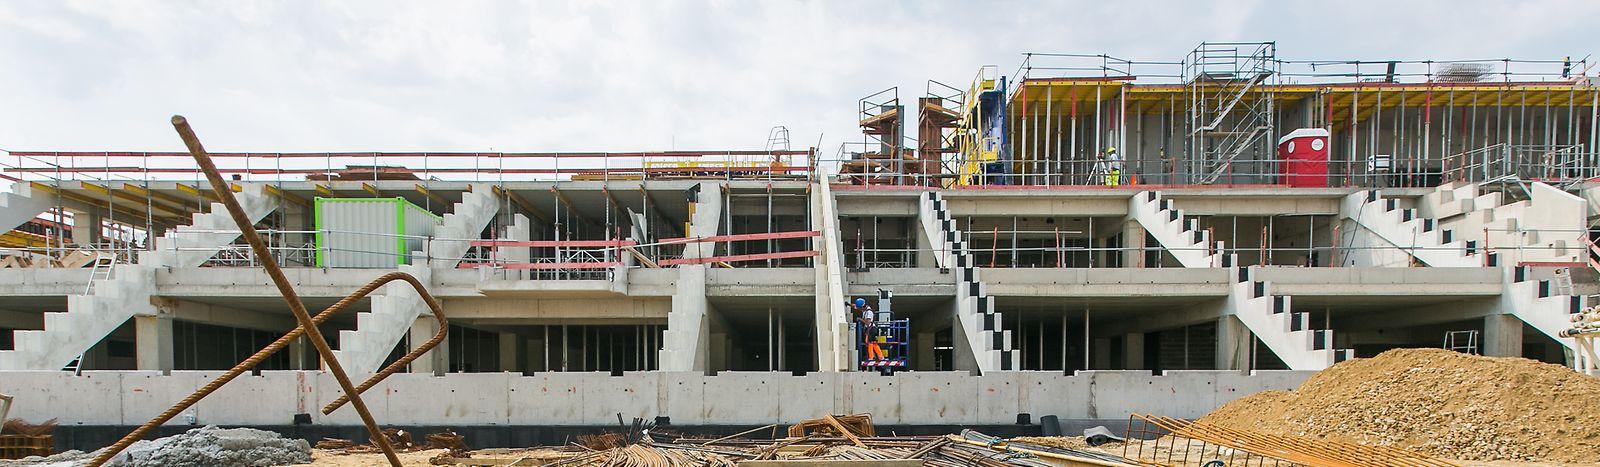 Visite du chantier du nouveau stade national, Foto Lex Kleren